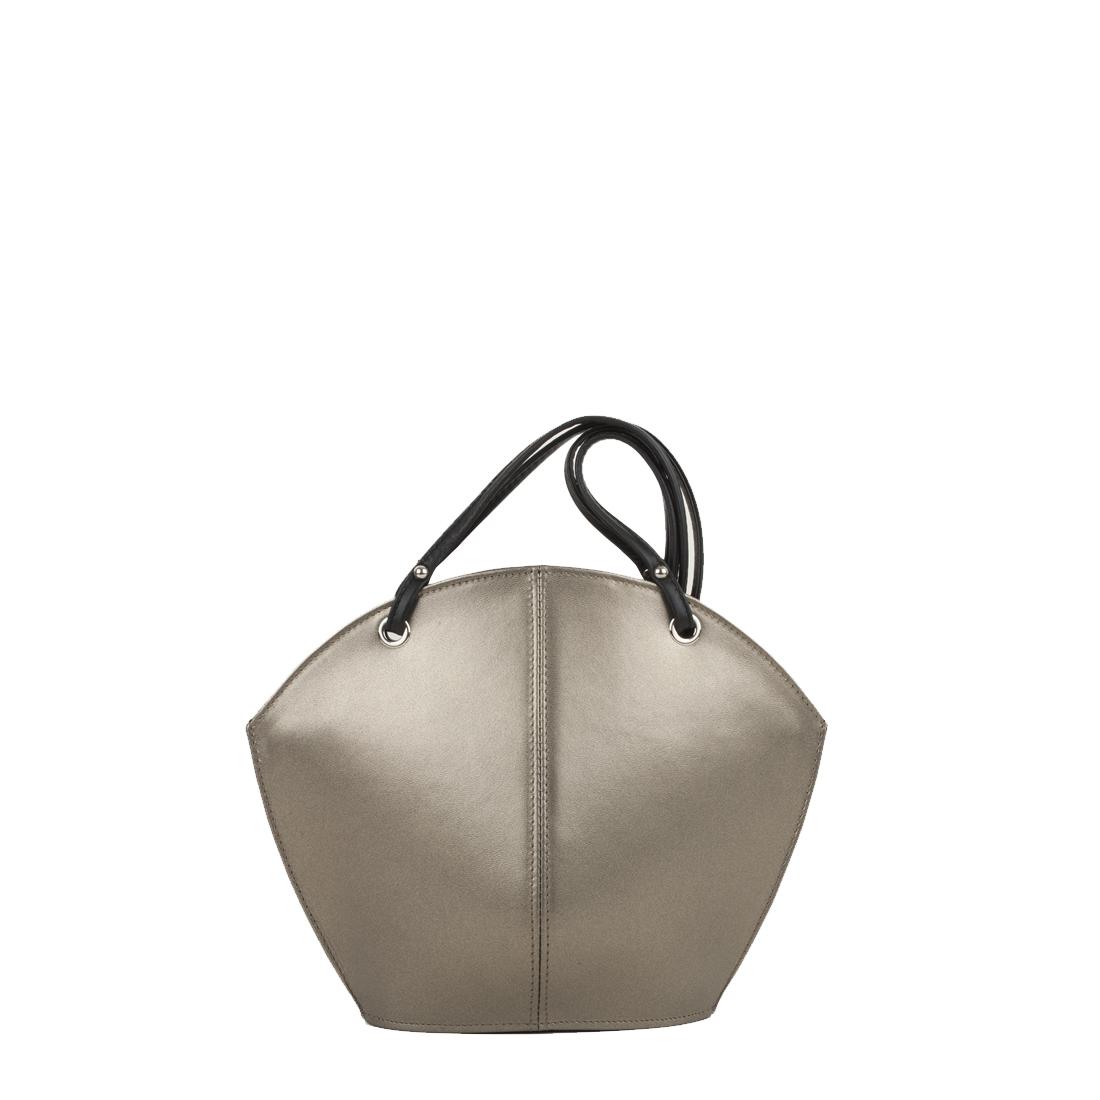 Ava Bronze Leather Shoulder Bag